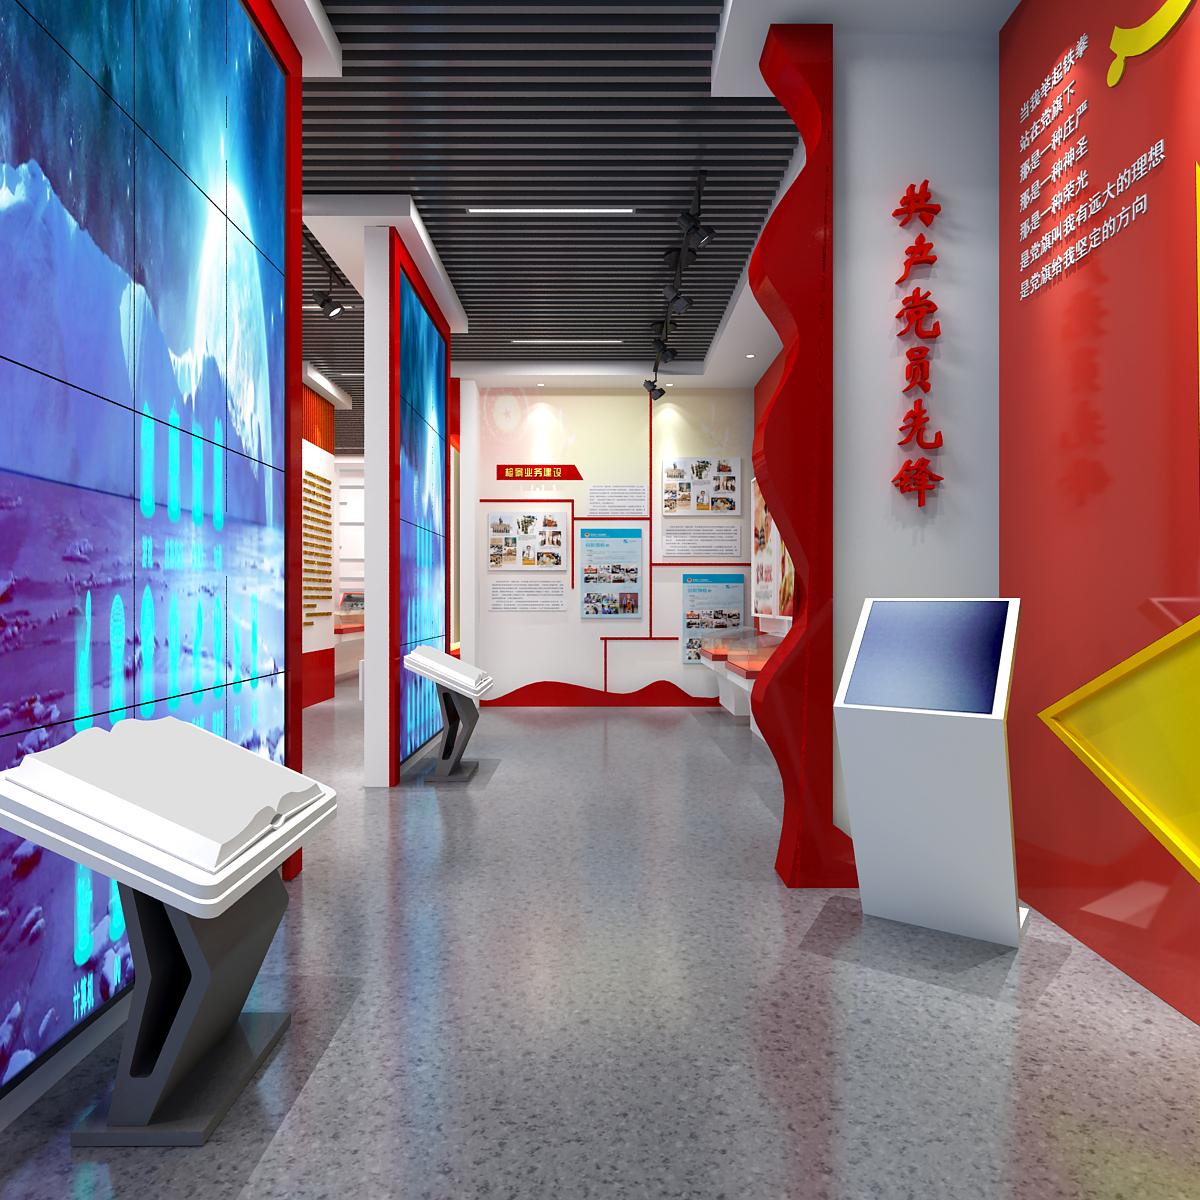 科技展厅 商品展厅 企业展厅装修 党建展厅设计 博物馆设计